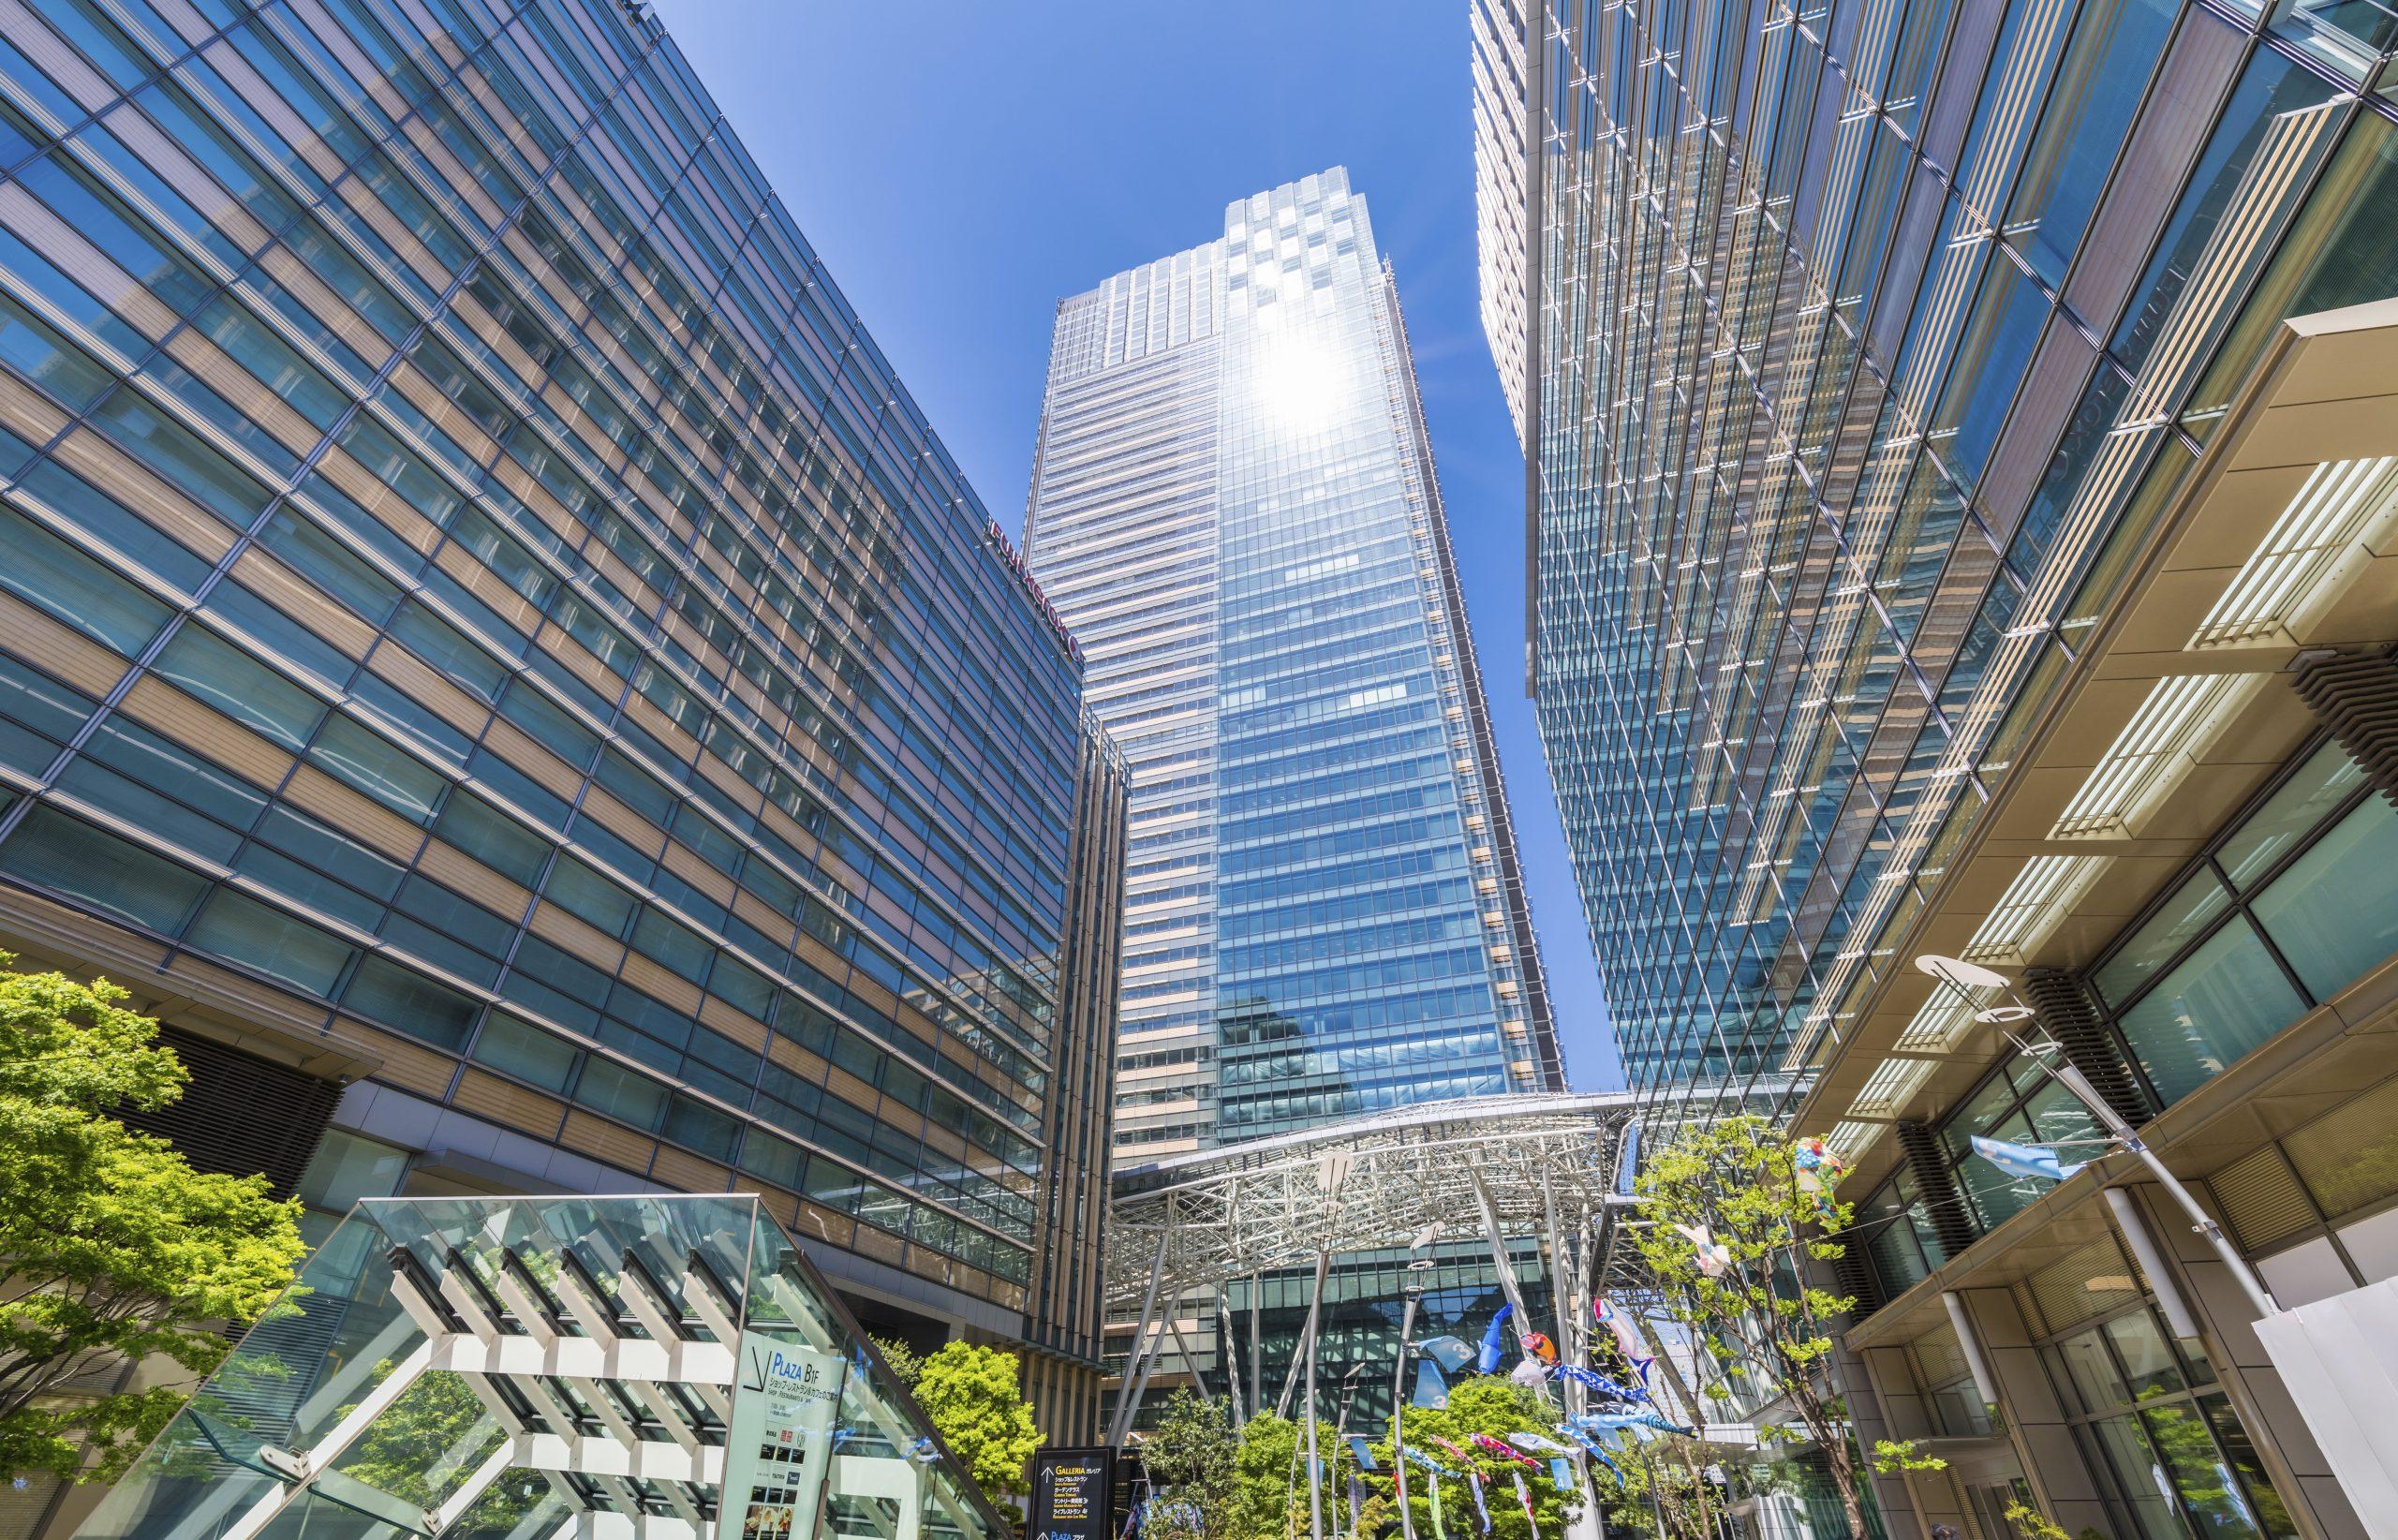 六本木 東京ミッドタウンのビルディング